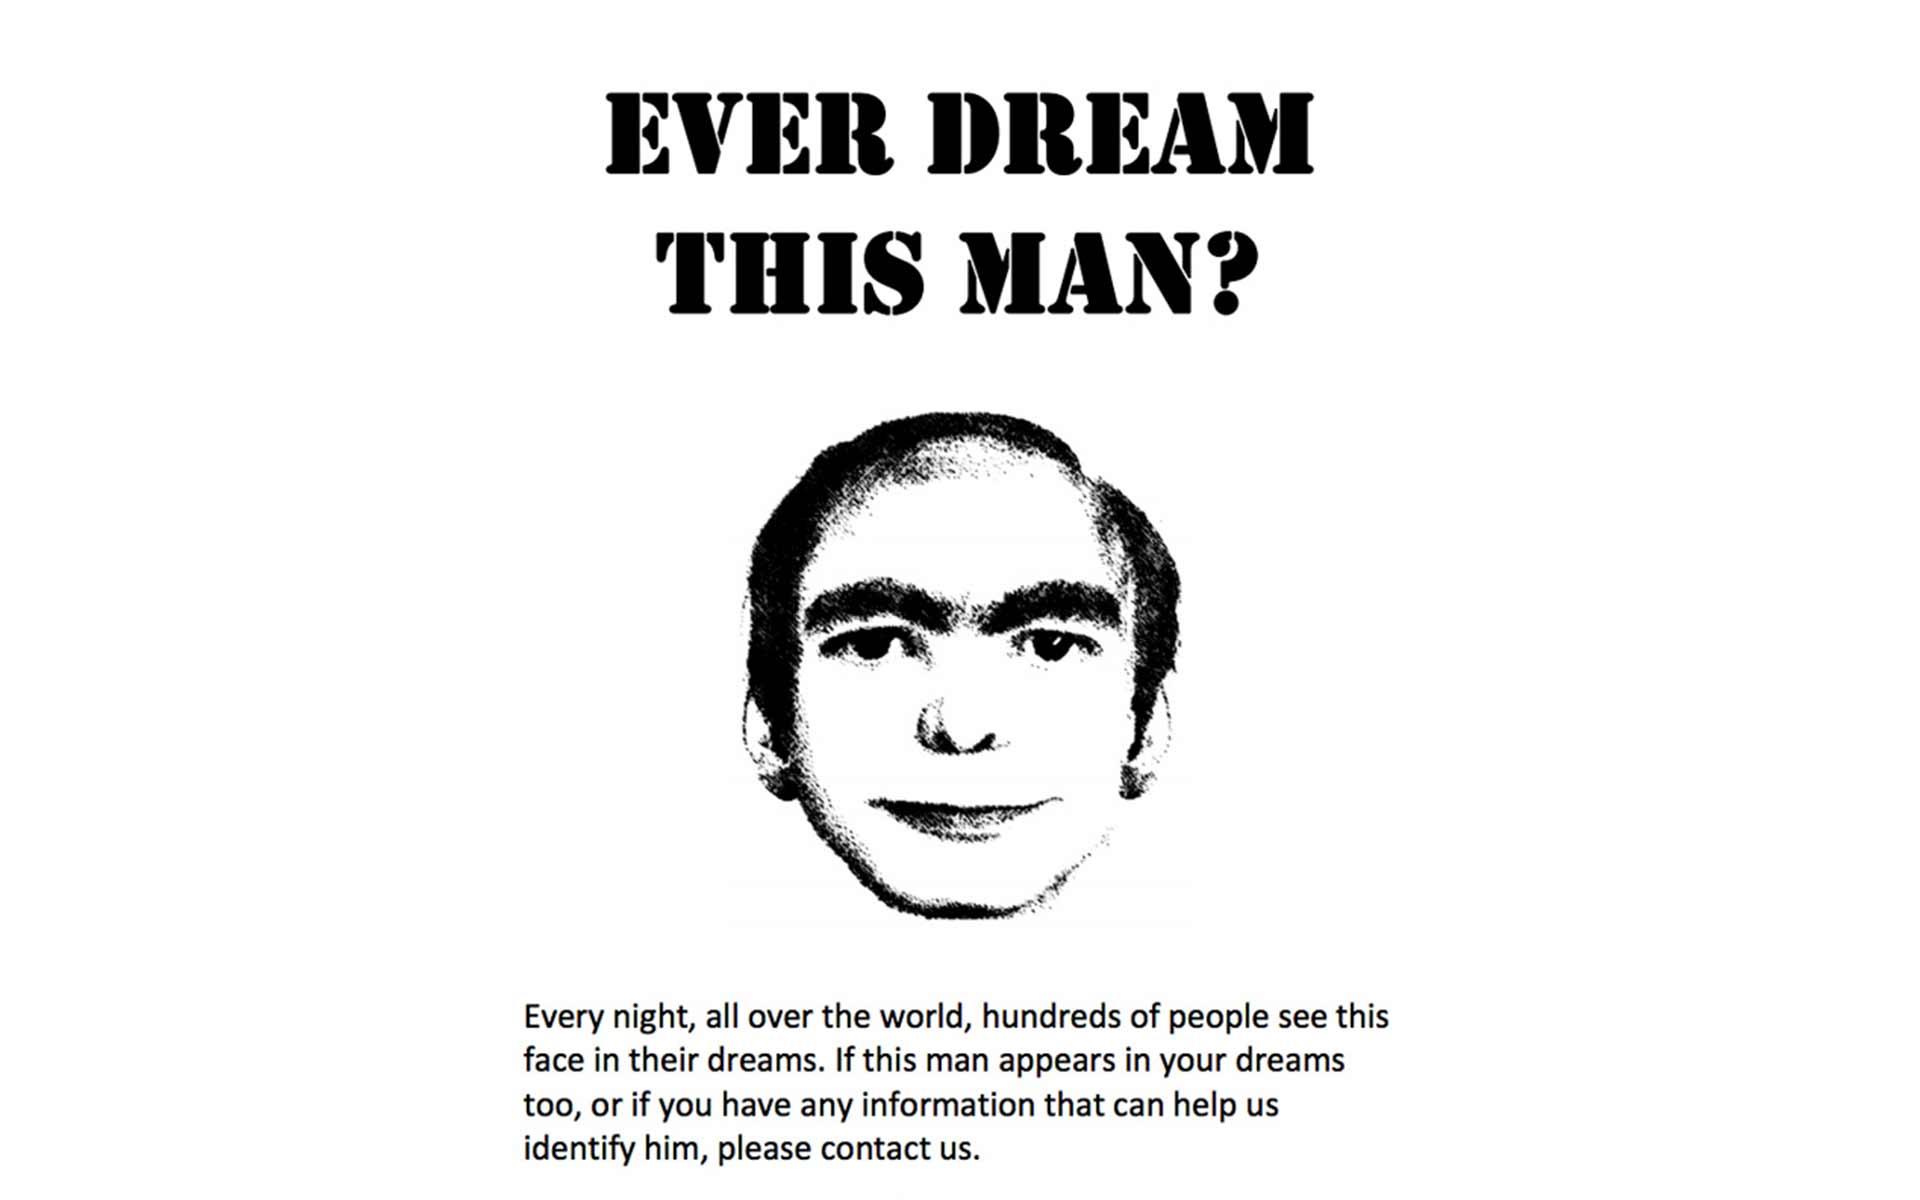 【シリーズ・都市伝説】夢の中に出てくる男「This Man」